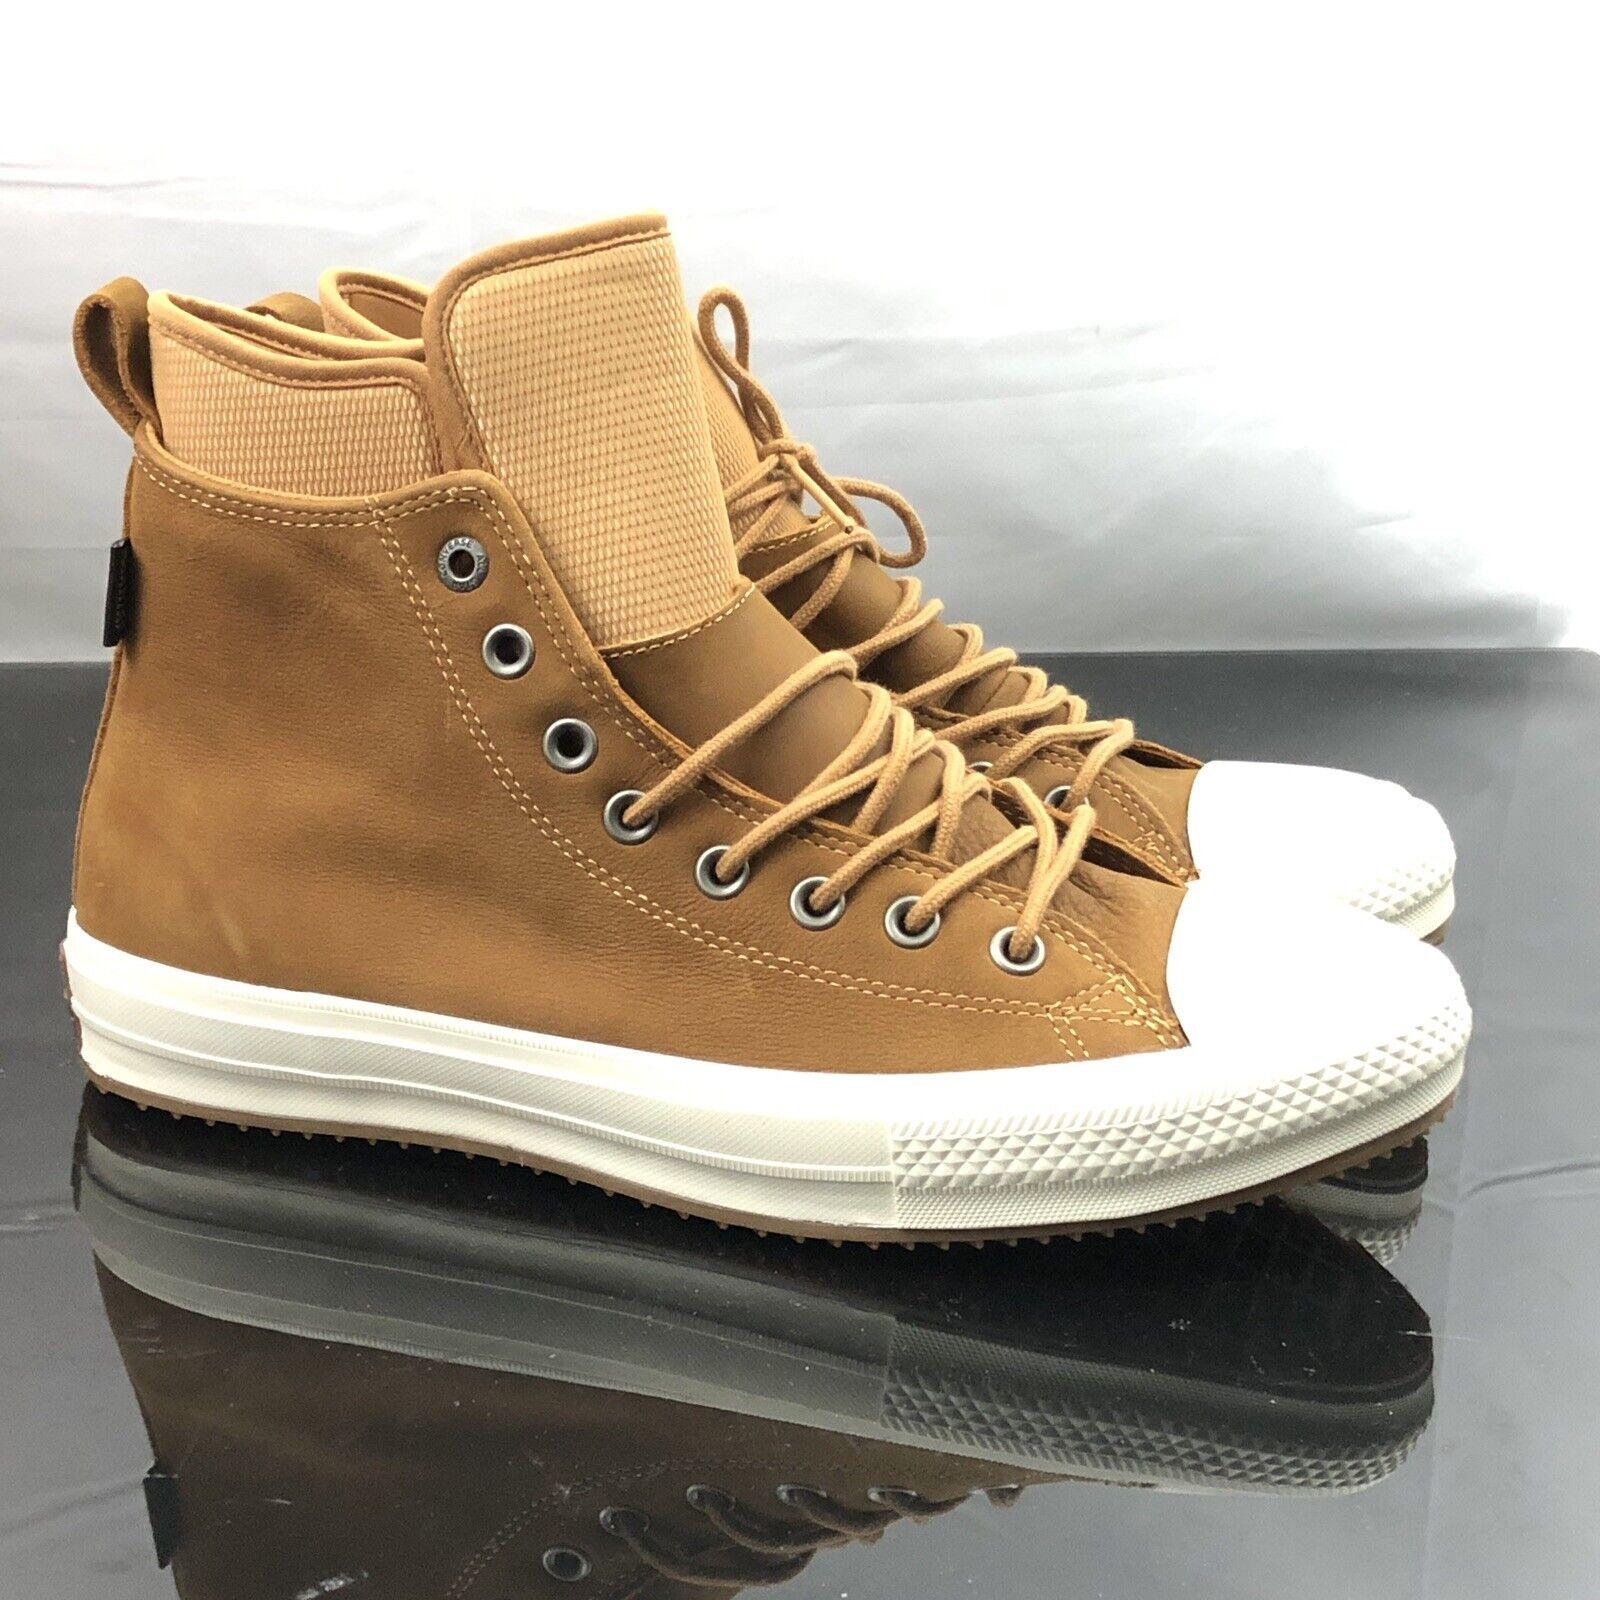 Converse Chuck Taylor All Star Stiefel High Nubuck braun 157461C Sz 9.5